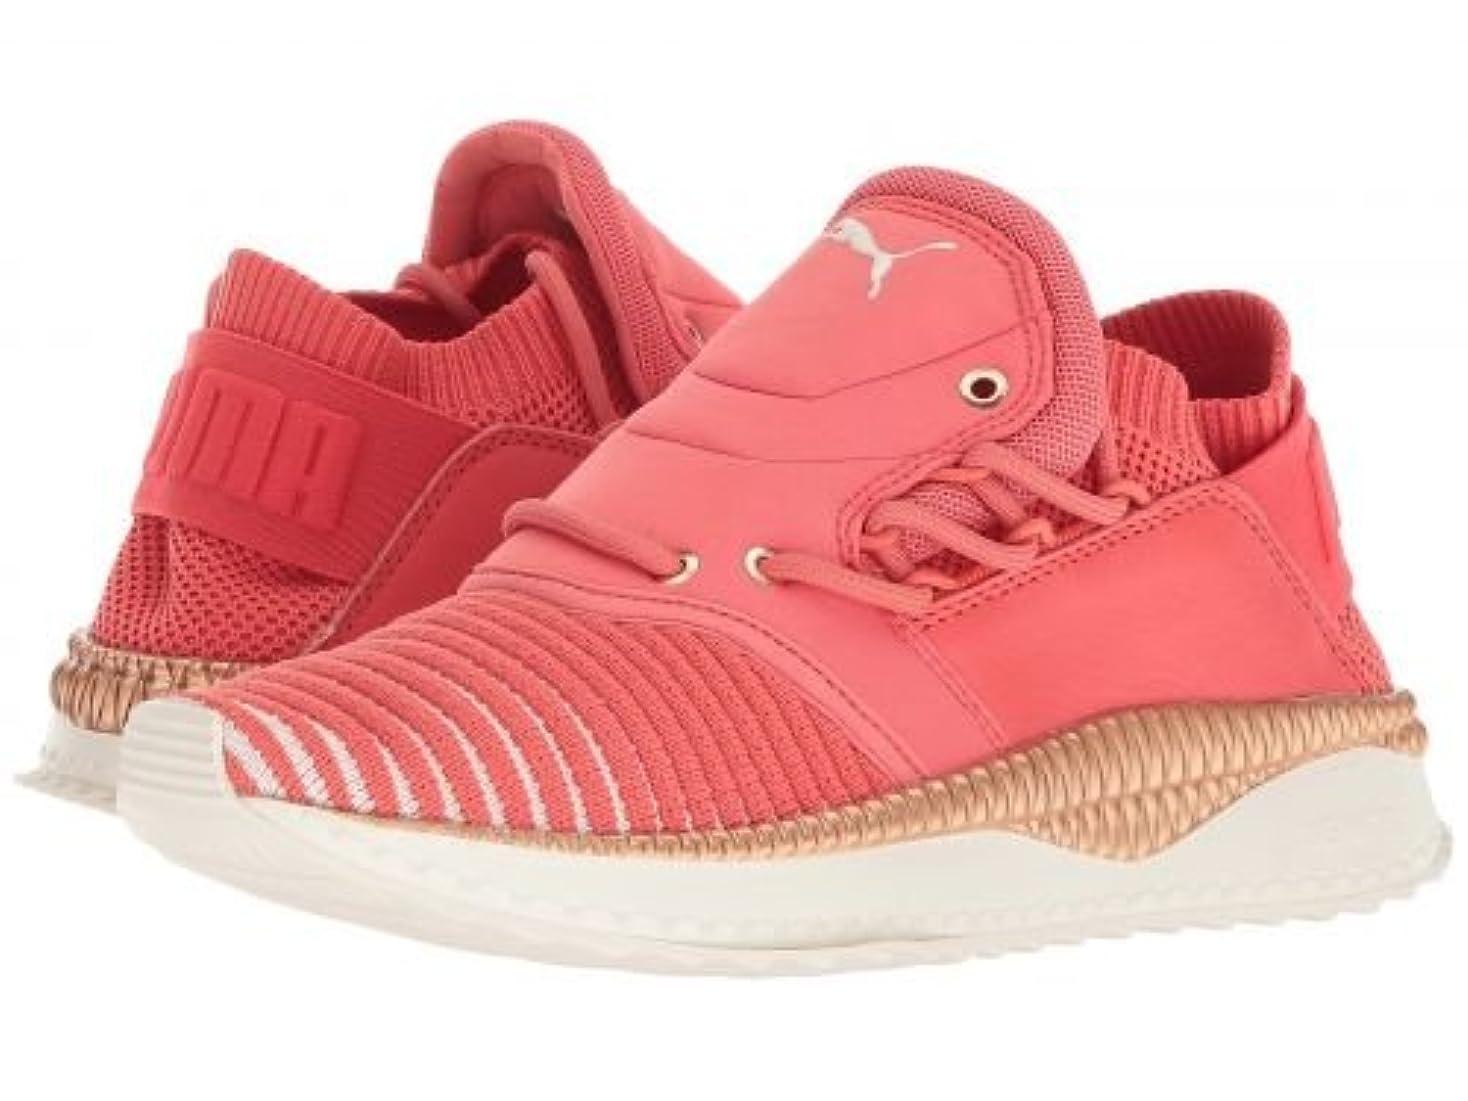 タイトあたたかい武器PUMA(プーマ) レディース 女性用 シューズ 靴 スニーカー 運動靴 Tsugi Shinsei evoKNIT - Spiced Coral/Whisper White/Whisper White [並行輸入品]